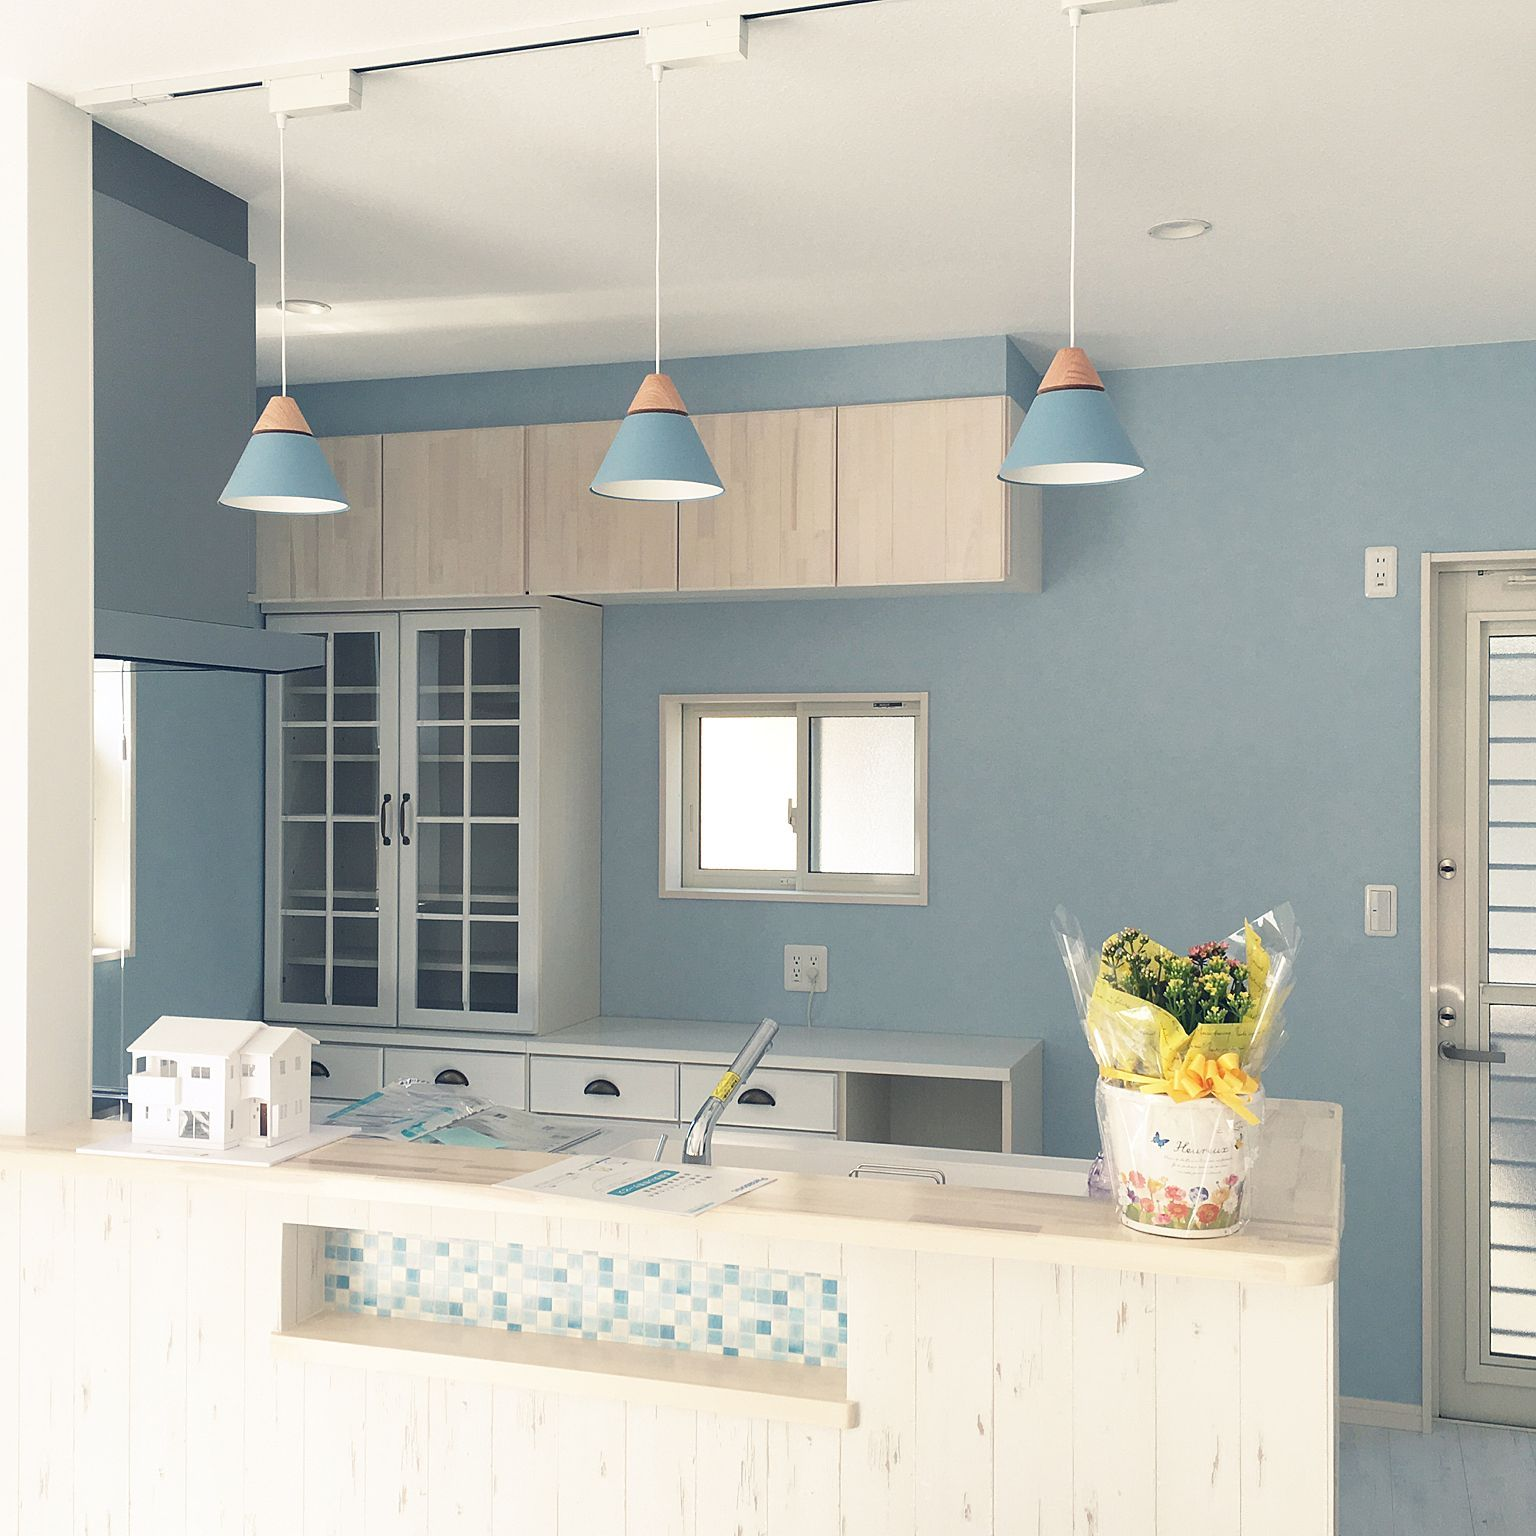 キッチン ブルーグレーの壁 ブルー系 サンゲツ壁紙 北欧 などの